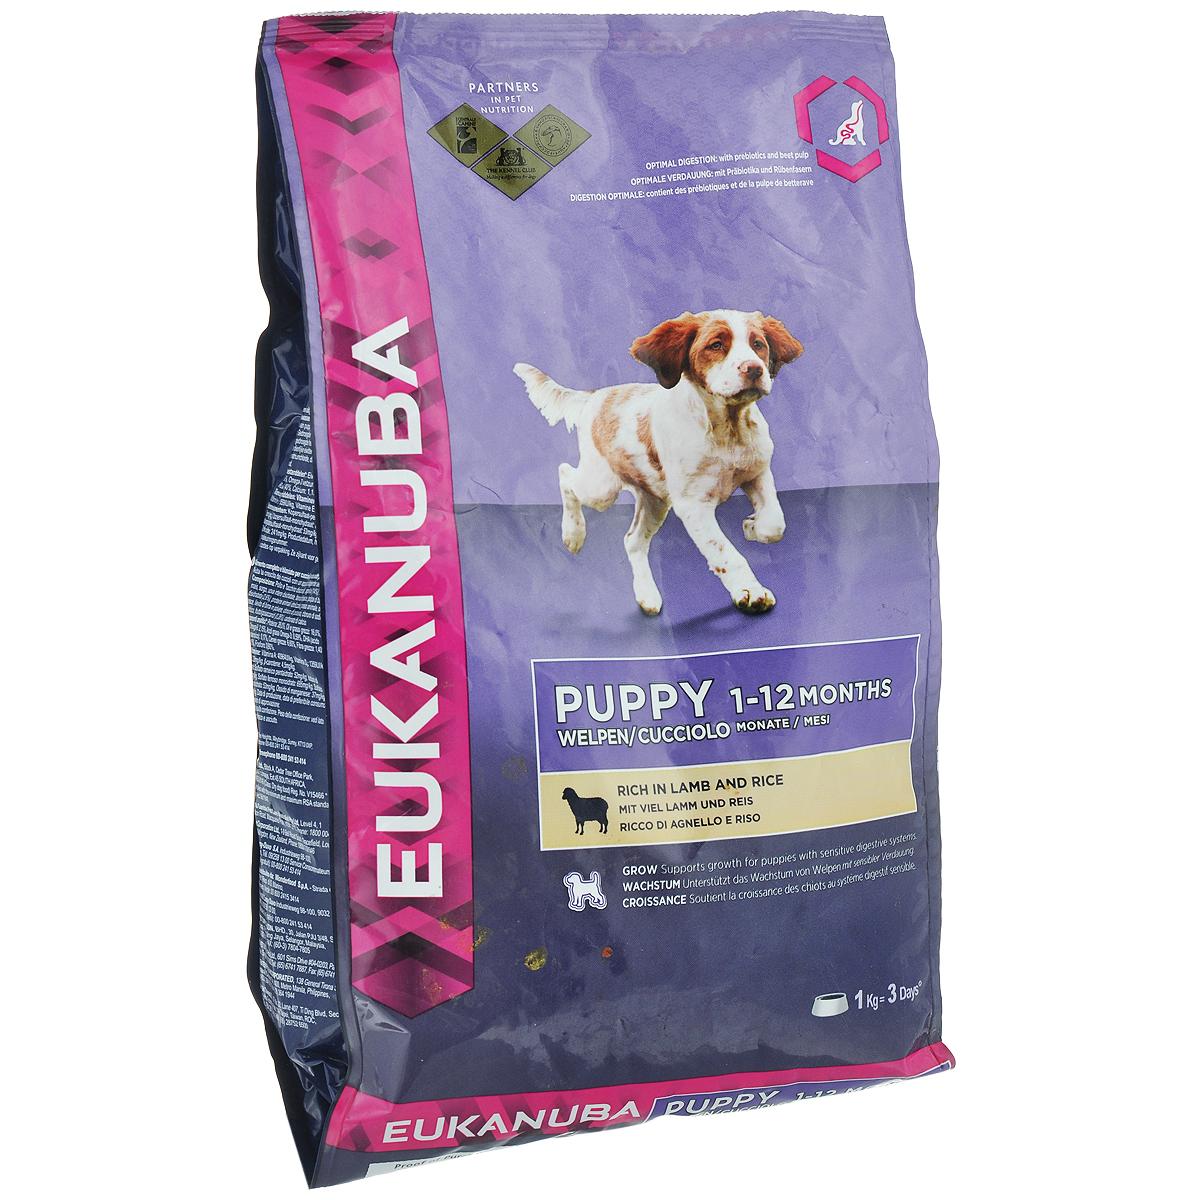 Корм сухой Eukanuba для щенков всех пород, с ягненком и рисом, 2,5 кг81387987Сухой корм Eukanuba является полноценным сбалансированным питанием для щенков всех пород. Корм Eukanuba заботится о здоровье вашего любимца.Особенности корма Eukanuba:- благодаря большому содержанию мяса ягненка содействует построению и сохранению мускулатуры для наилучшей физической формы;- важный антиоксидант поддерживает естественную защиту организма вашего щенка;- пребиотики и пульпа сахарной свеклы способствуют поддержанию здорового пищеварения путем обеспечения нормального функционирования кишечника; - оптимальное соотношение омега-6 и омега-3 жирных кислот помогает укреплять здоровье кожи и шерсти; - кальций способствует укреплению костей; - животные белки способствуют укреплению и поддержанию тонуса мышц;- ДГК стимулирует познавательность и обучаемость щенков.Сухой корм Eukanuba содержит только натуральные компоненты, которые необходимы для полноценного и здорового питания домашних животных. Корма от фирмы Eukanuba положительно зарекомендовали себя на российском рынке еще и потому, что они не содержат никаких красителей и ароматизаторов, а сбалансированное содержание всех необходимых витаминов и минералов избавляет вас от необходимости давать вашему любимцу дополнительные добавки к пище.Характеристики: Состав: сублимированное мясо курицы и индейки, мясо ягненка 14%, рис 14%, кукуруза, сорго, сухое цельное яйцо, рыбная мука, сушеная свекольная масса 2,6%, животный жир, гидролизат белка животного происхождения, сухие пивные дрожжи, рыбий жир, хлорид калия, поваренная соль, кальция гидрогенфосфат, фруктоолигосахариды 0,26%, карбонат кальция.Пищевая ценность: протеин 28%, жир 16%, жирные кислоты Омега-6 2,19%, жирные кислоты Омега-3 0,47%, DHA 0,17%, влажность 8%, минералы 6,6%, клетчатка 1,4%, кальций 1,4%, фосфор 0,9%.Добавки на 1 кг: витамин А 40964 МЕ, витамин Д3 1359 МЕ, витамин Е 228 мг, бета-каротин 4,5 мг, моногидрат основного карбоната кобальта 0,55 мг, пентагидрат сульфата мед